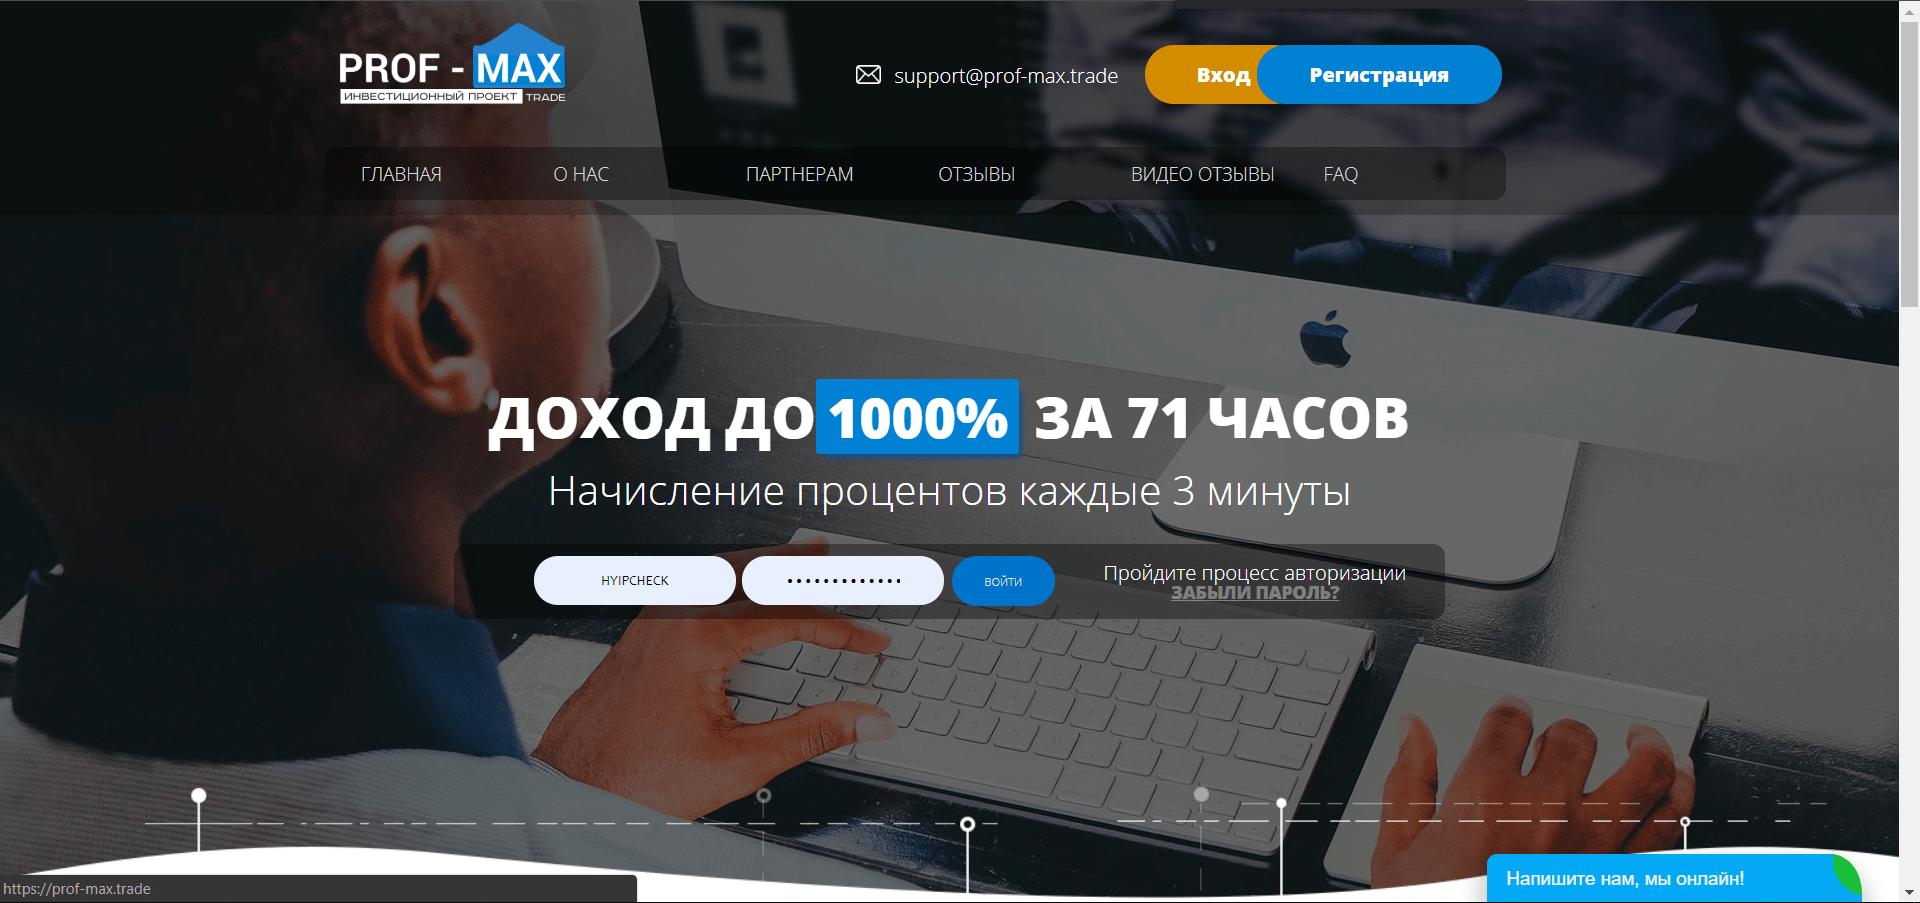 Prof-Max